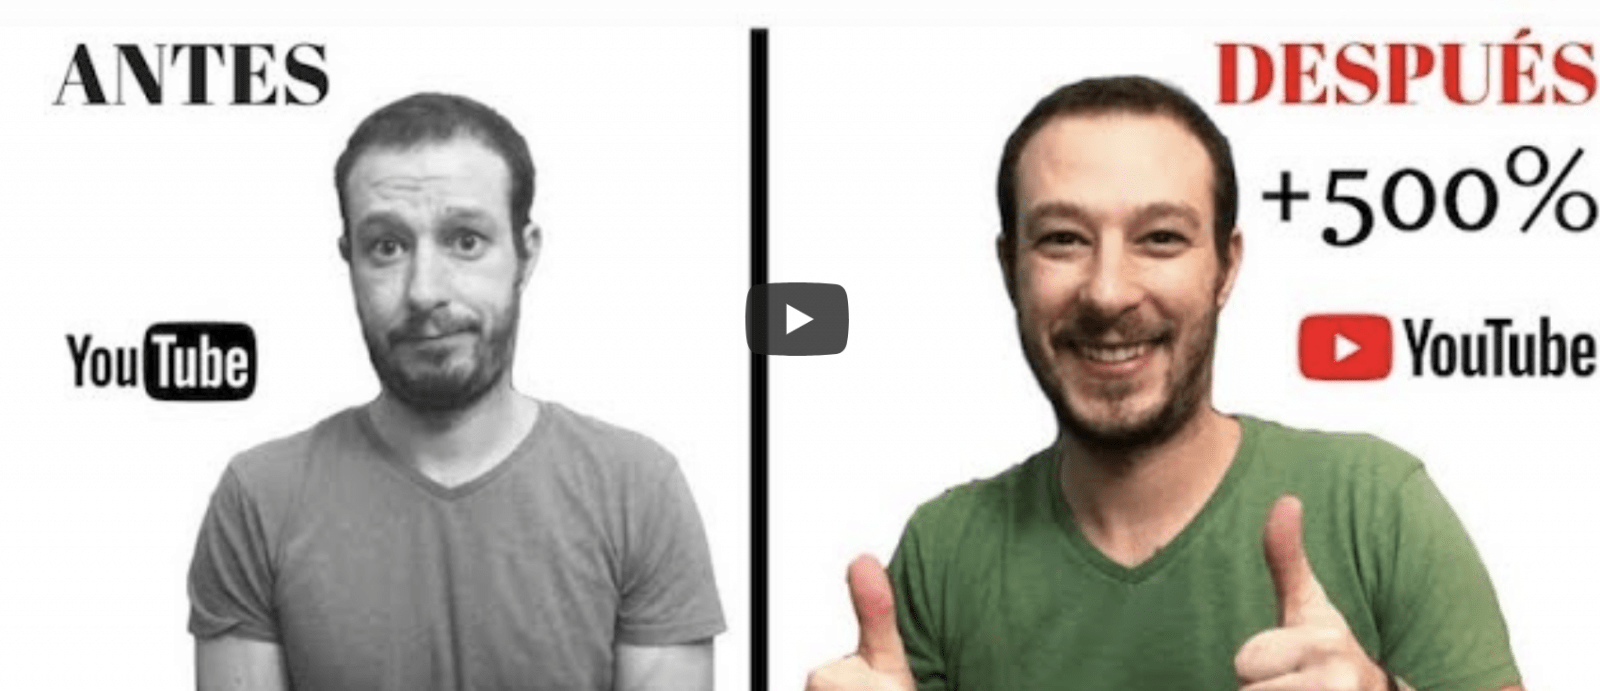 Curso YouTube para los Negocios (50% DESCUENTO)